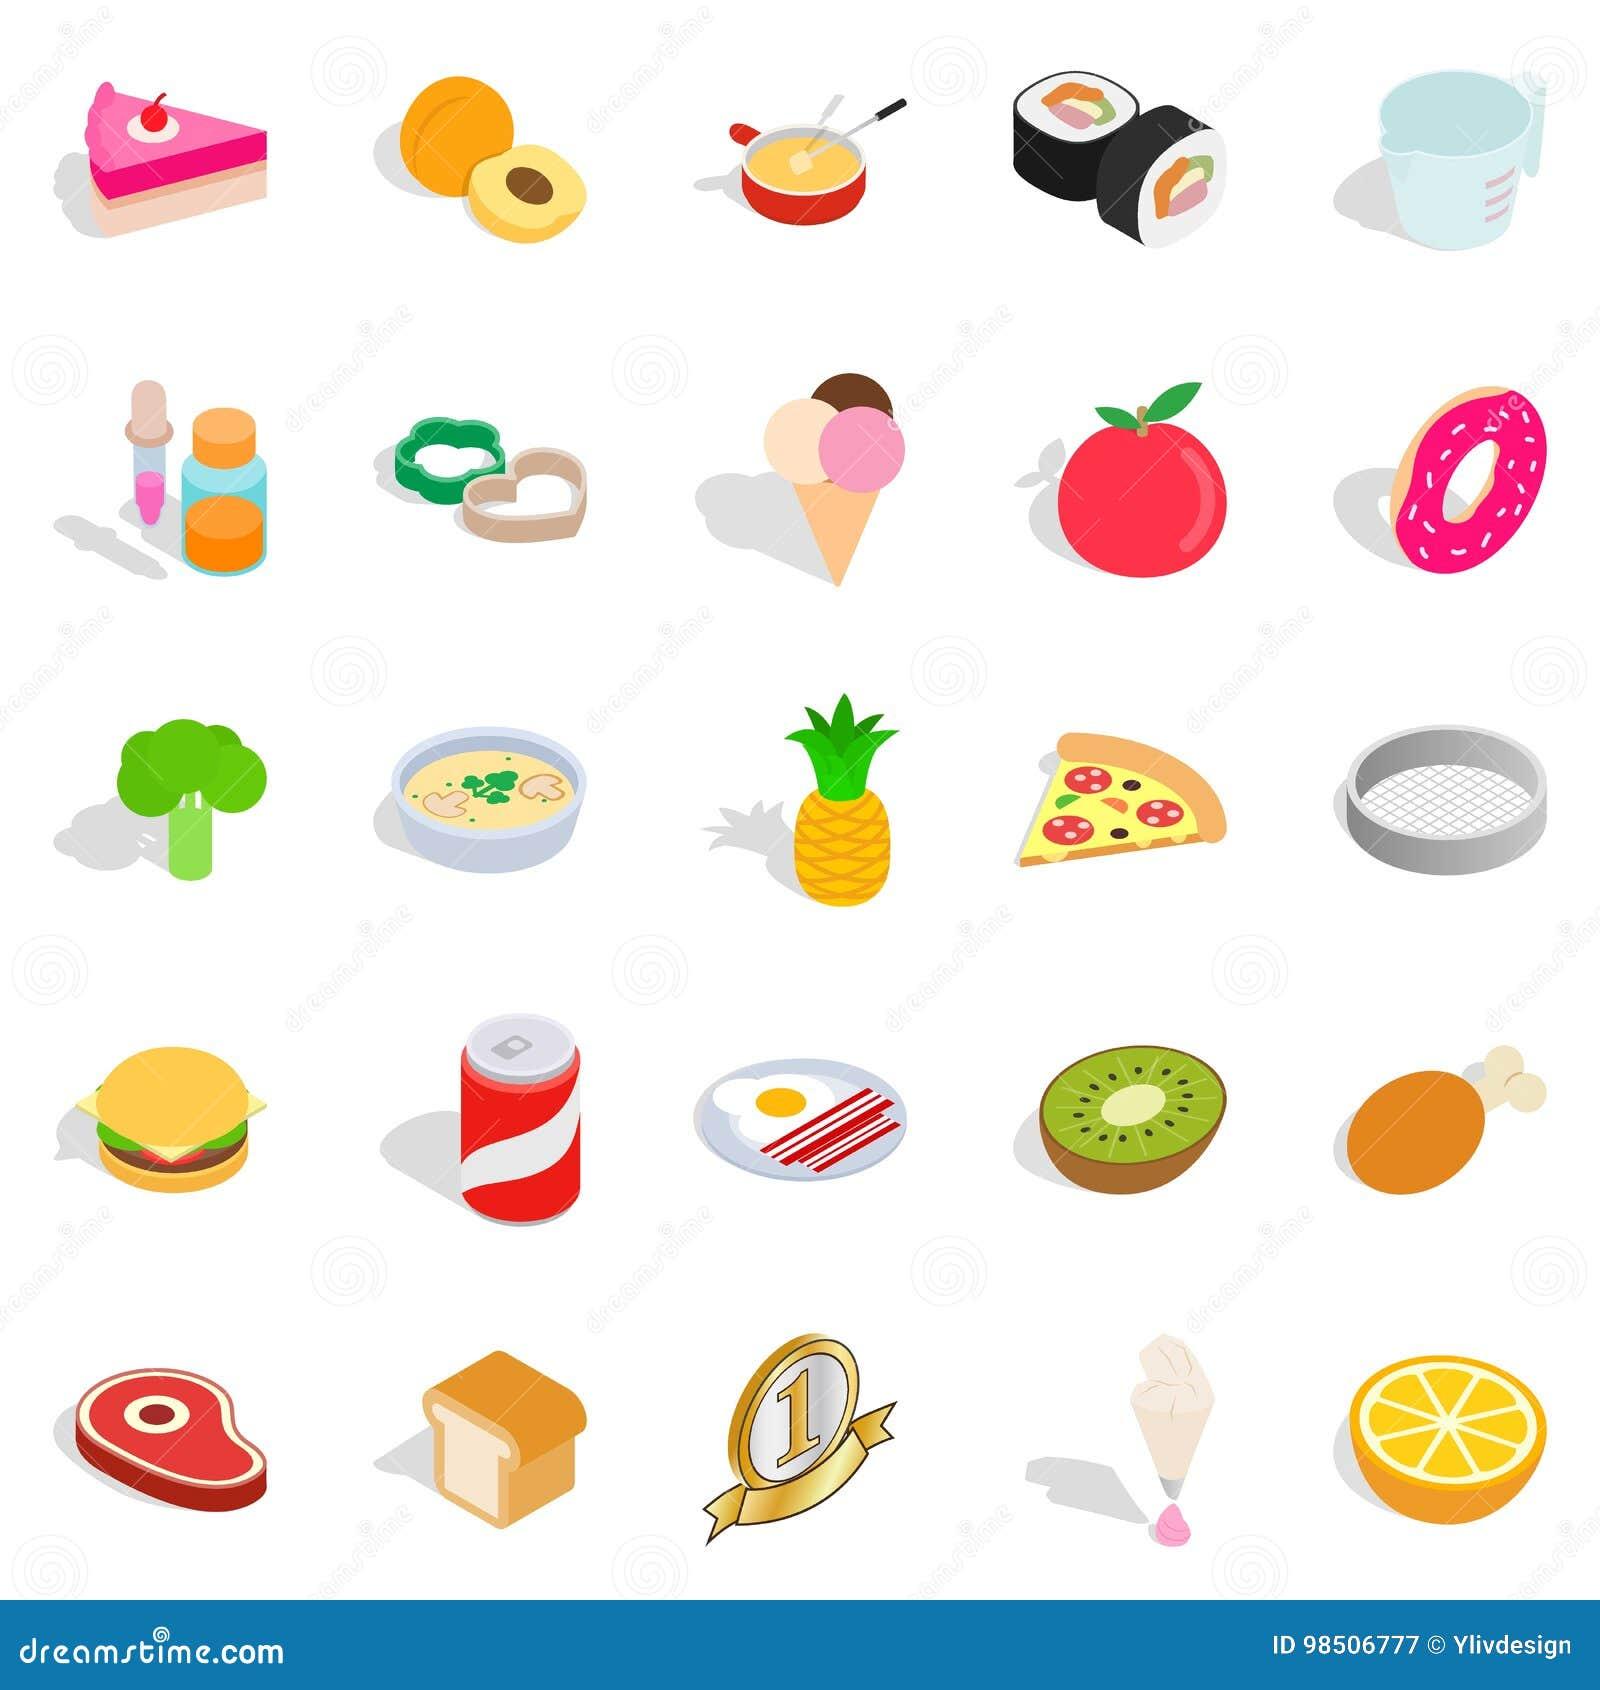 Sushi cafe icons set, isometric style